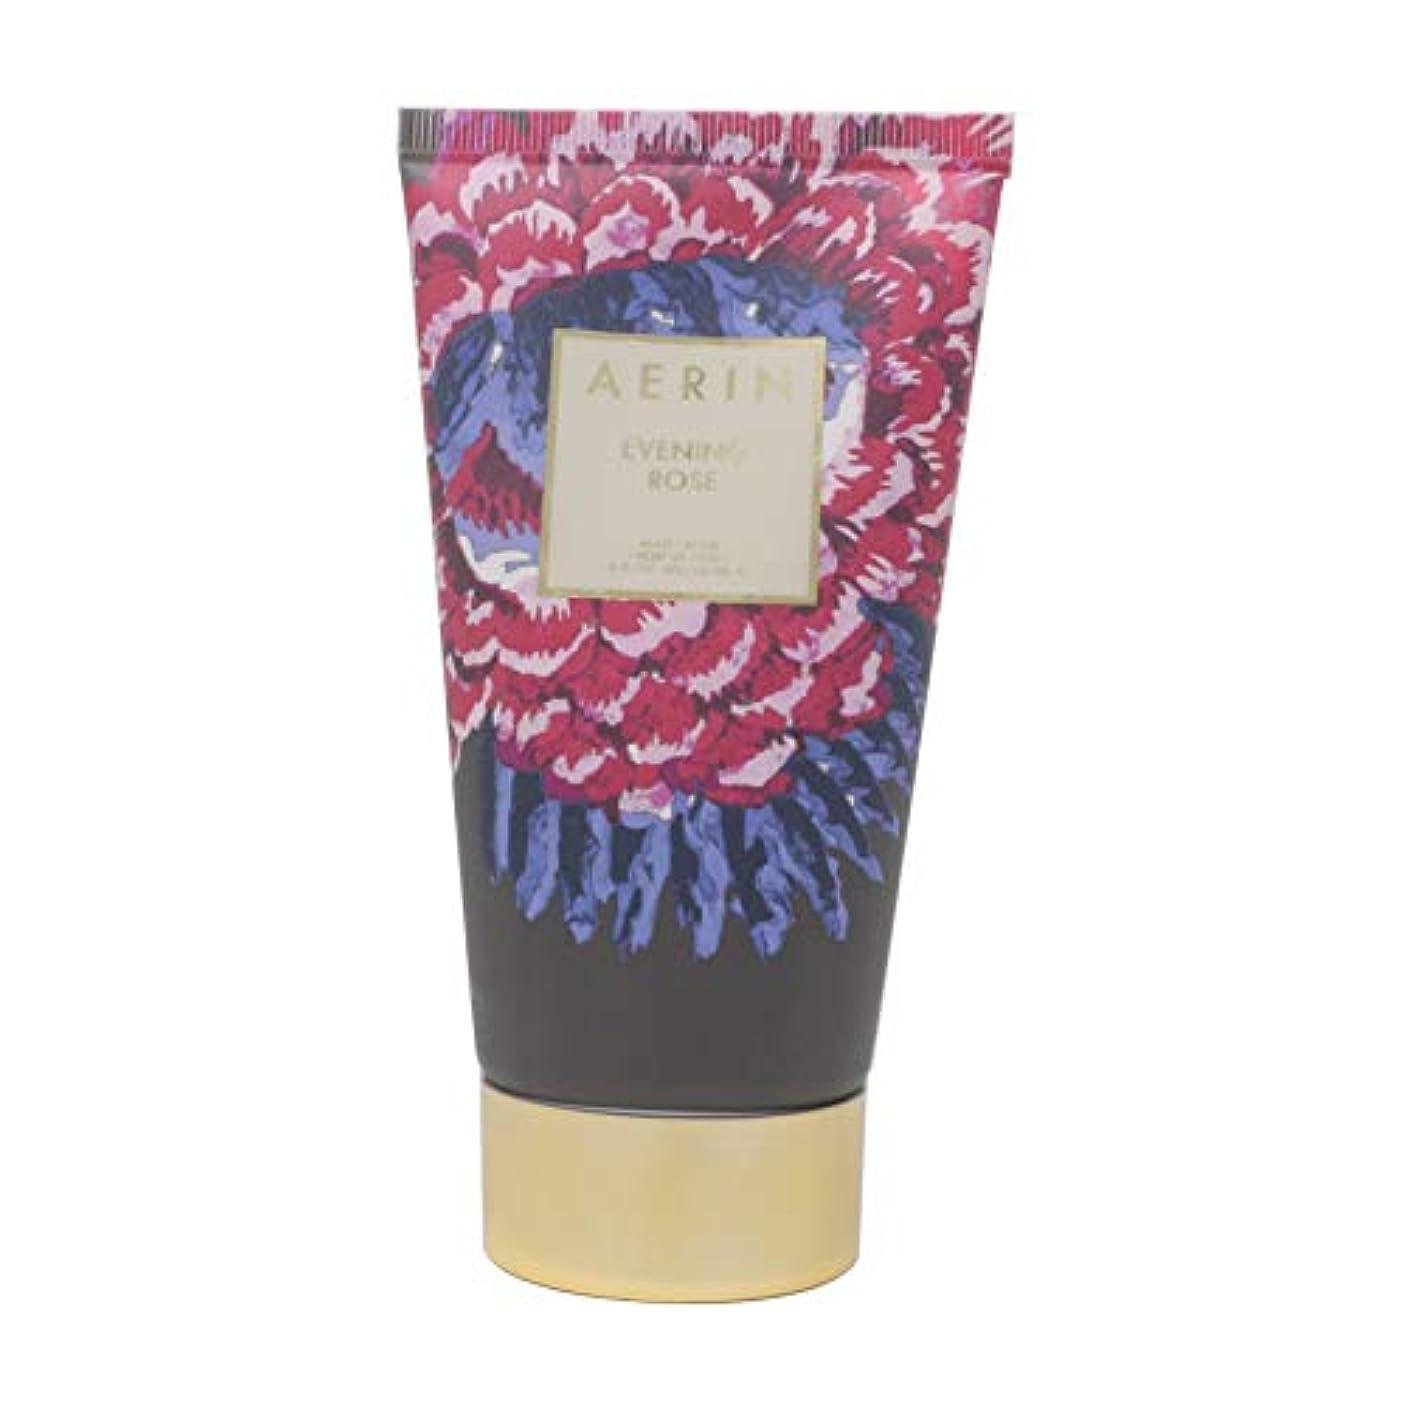 かすかなまた明日ね家事をするAERIN 'Evening Rose' (アエリン イブニング ローズ) 5.0 oz (150ml) Body Cream ボディークリーム by Estee Lauder for Women